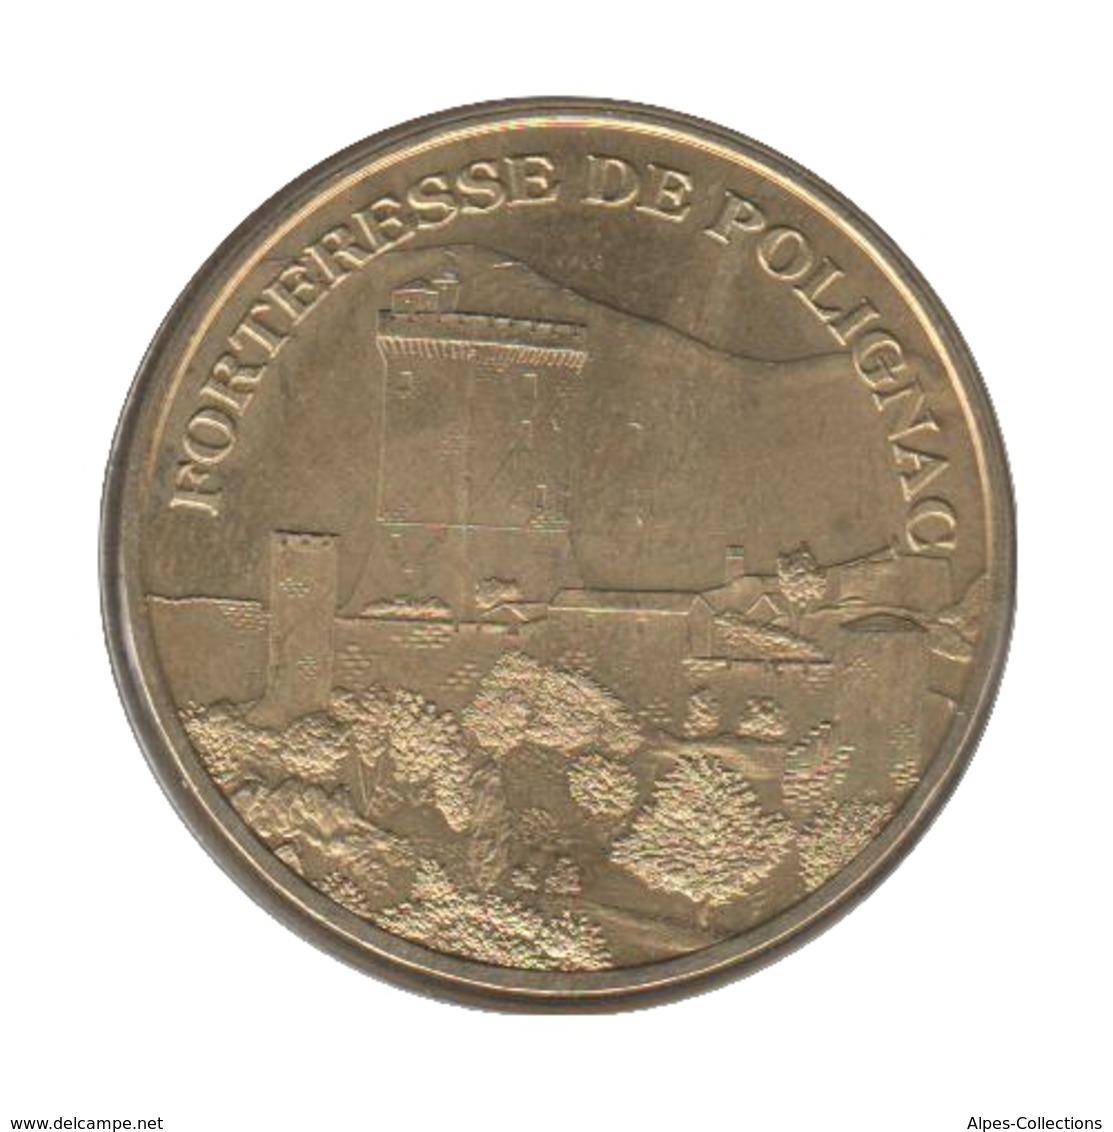 43006 - MEDAILLE TOURISTIQUE MONNAIE DE PARIS 43 - Forteresse De Polignac - 2007 - 2007